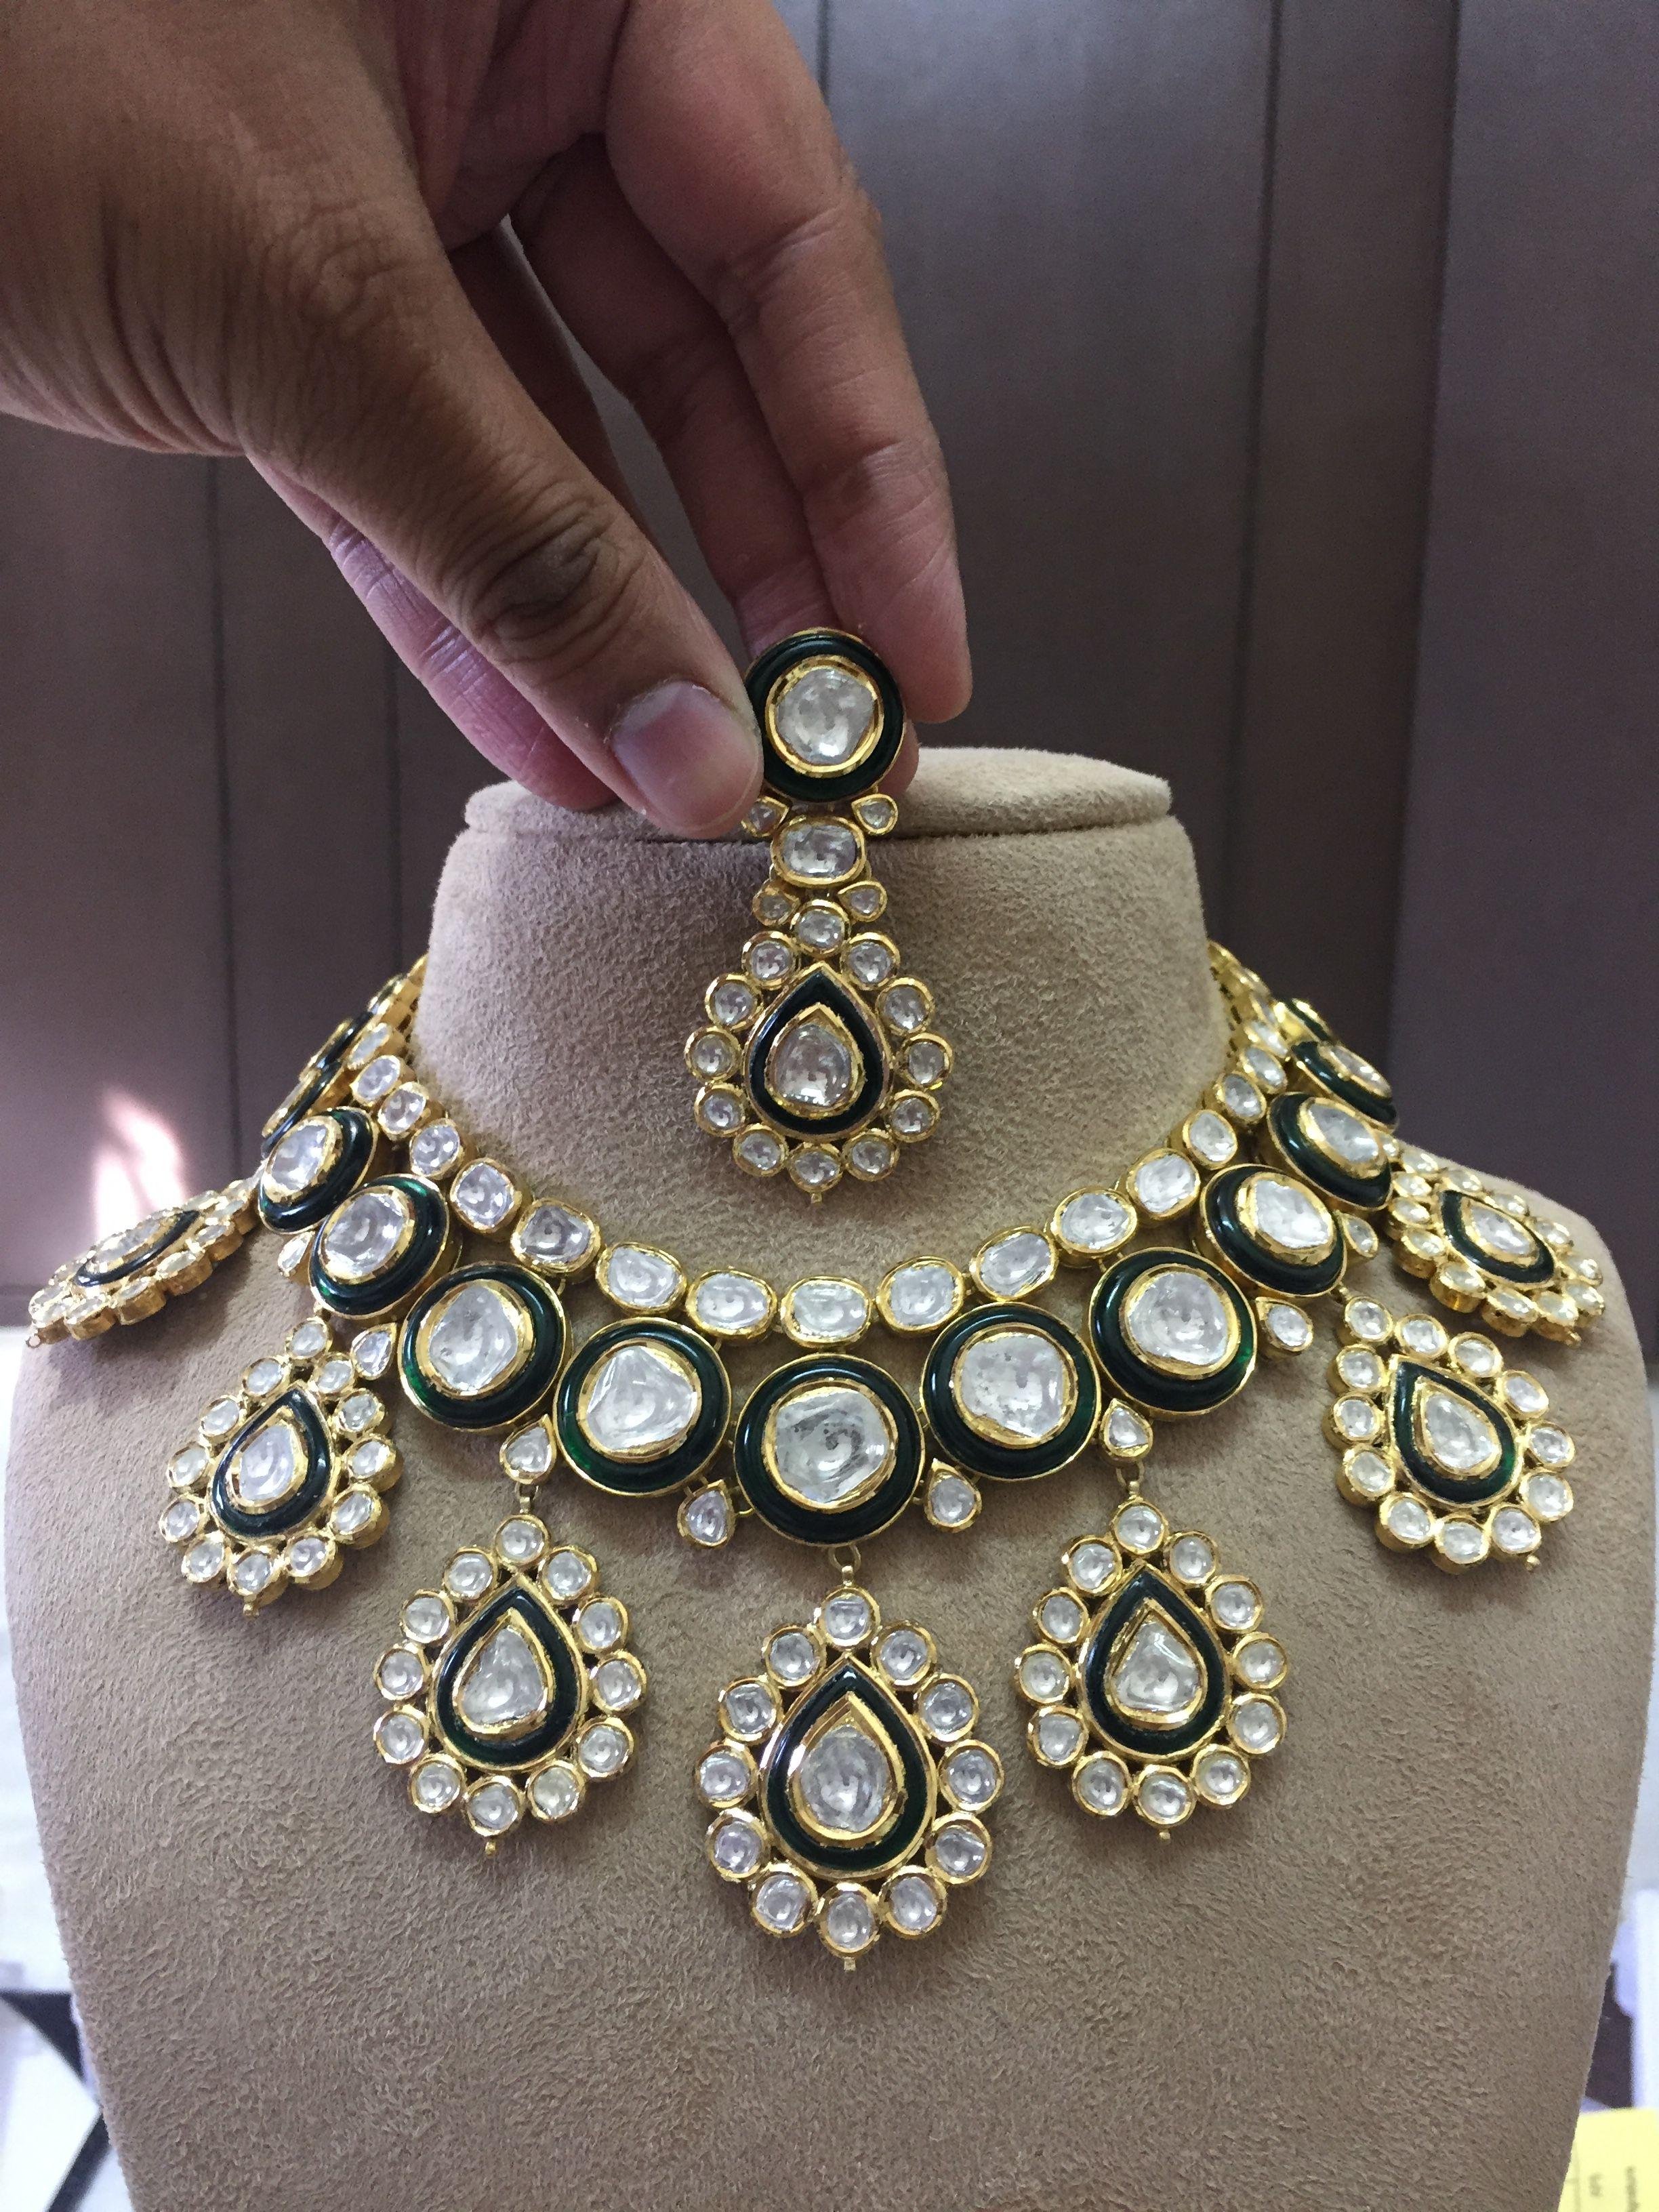 7cbaed6304a62 Necklace Polki set Kundan Meena Jadau Jewellery Indian Polki ...